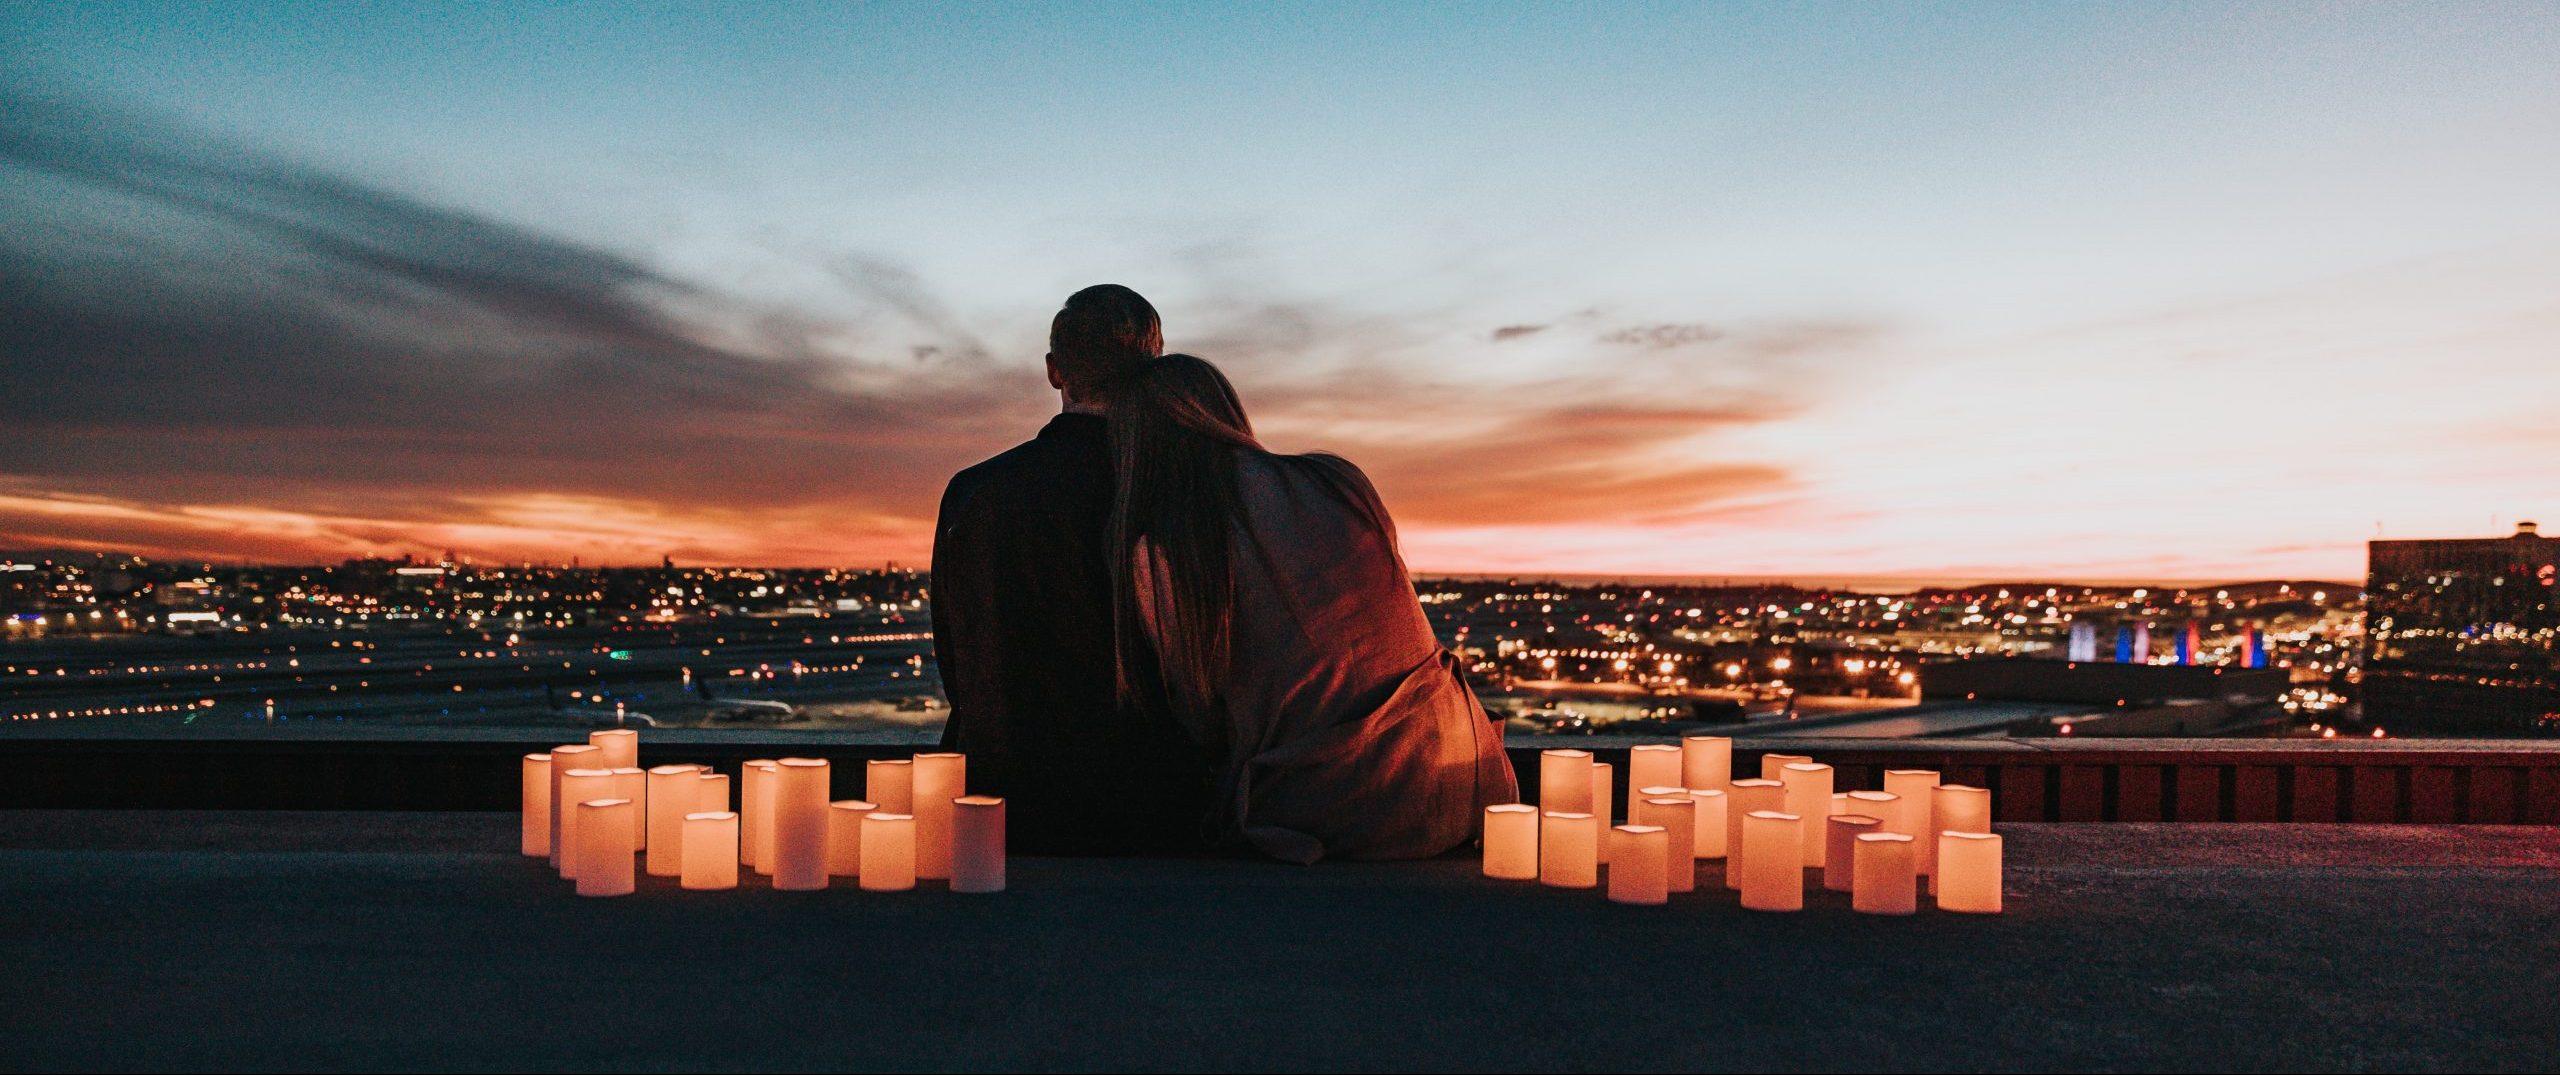 Nem a szerelem az élet értelme – nehéz volt megtanulnom ezt